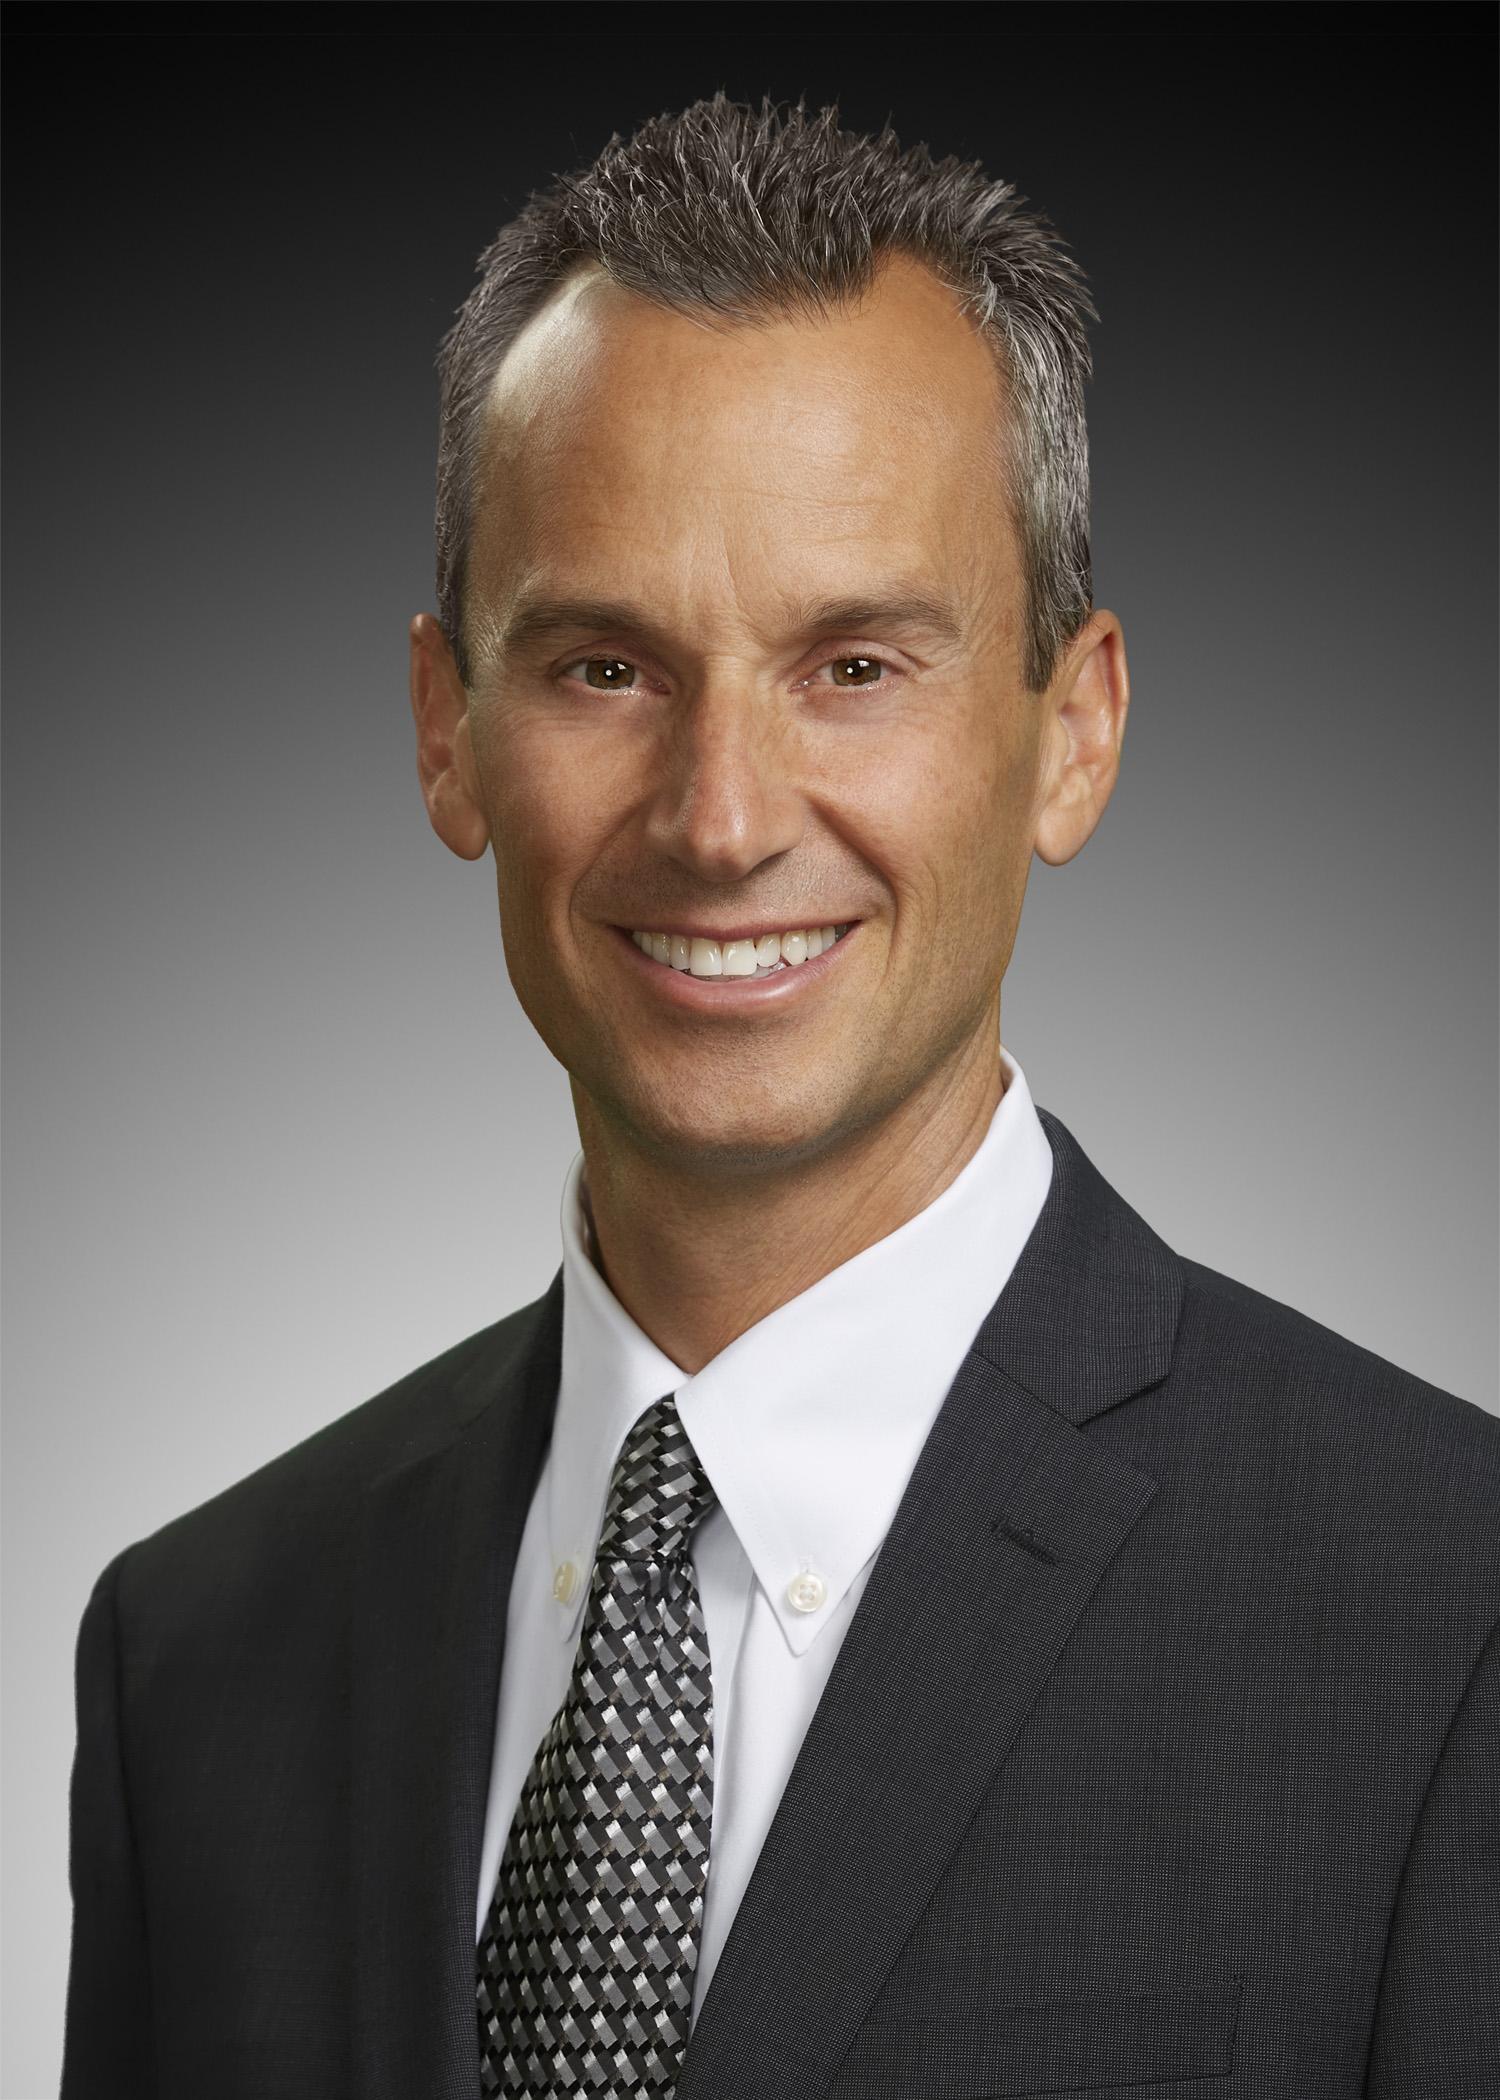 Michael Sollazzo, Esq., CPA (Inactive)